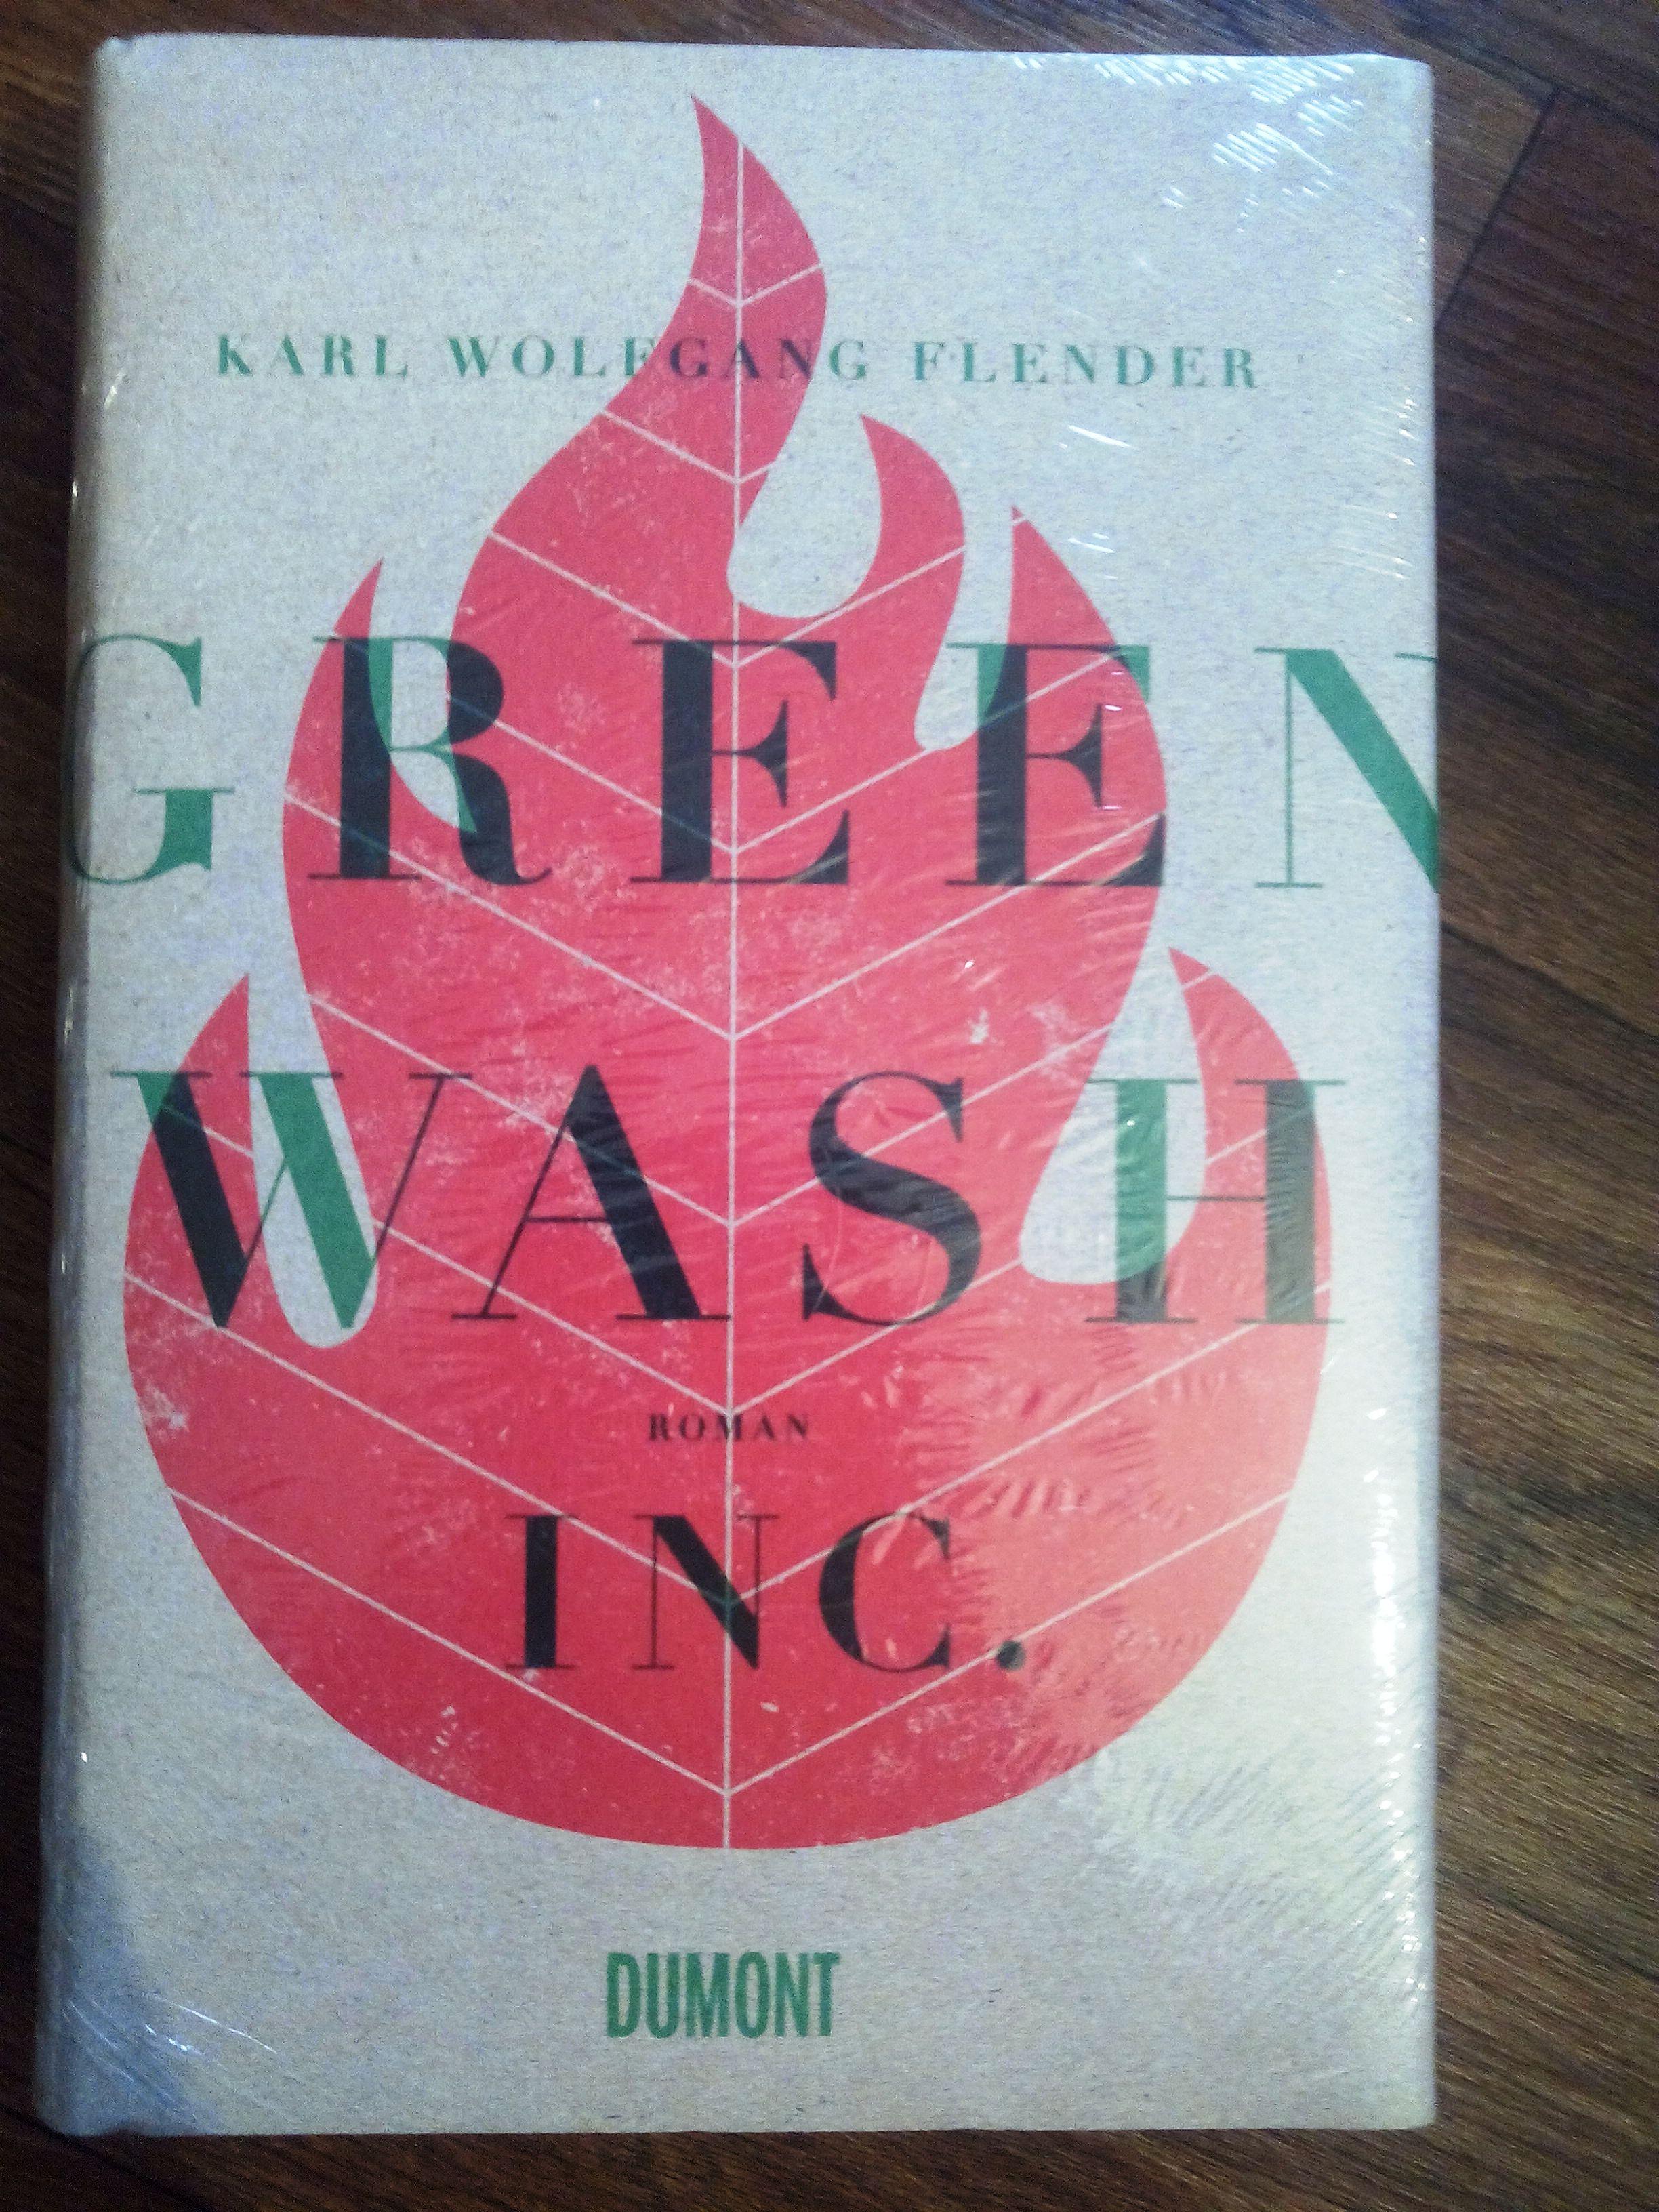 Green Wash Inc. von Karl Wolfgang Flender